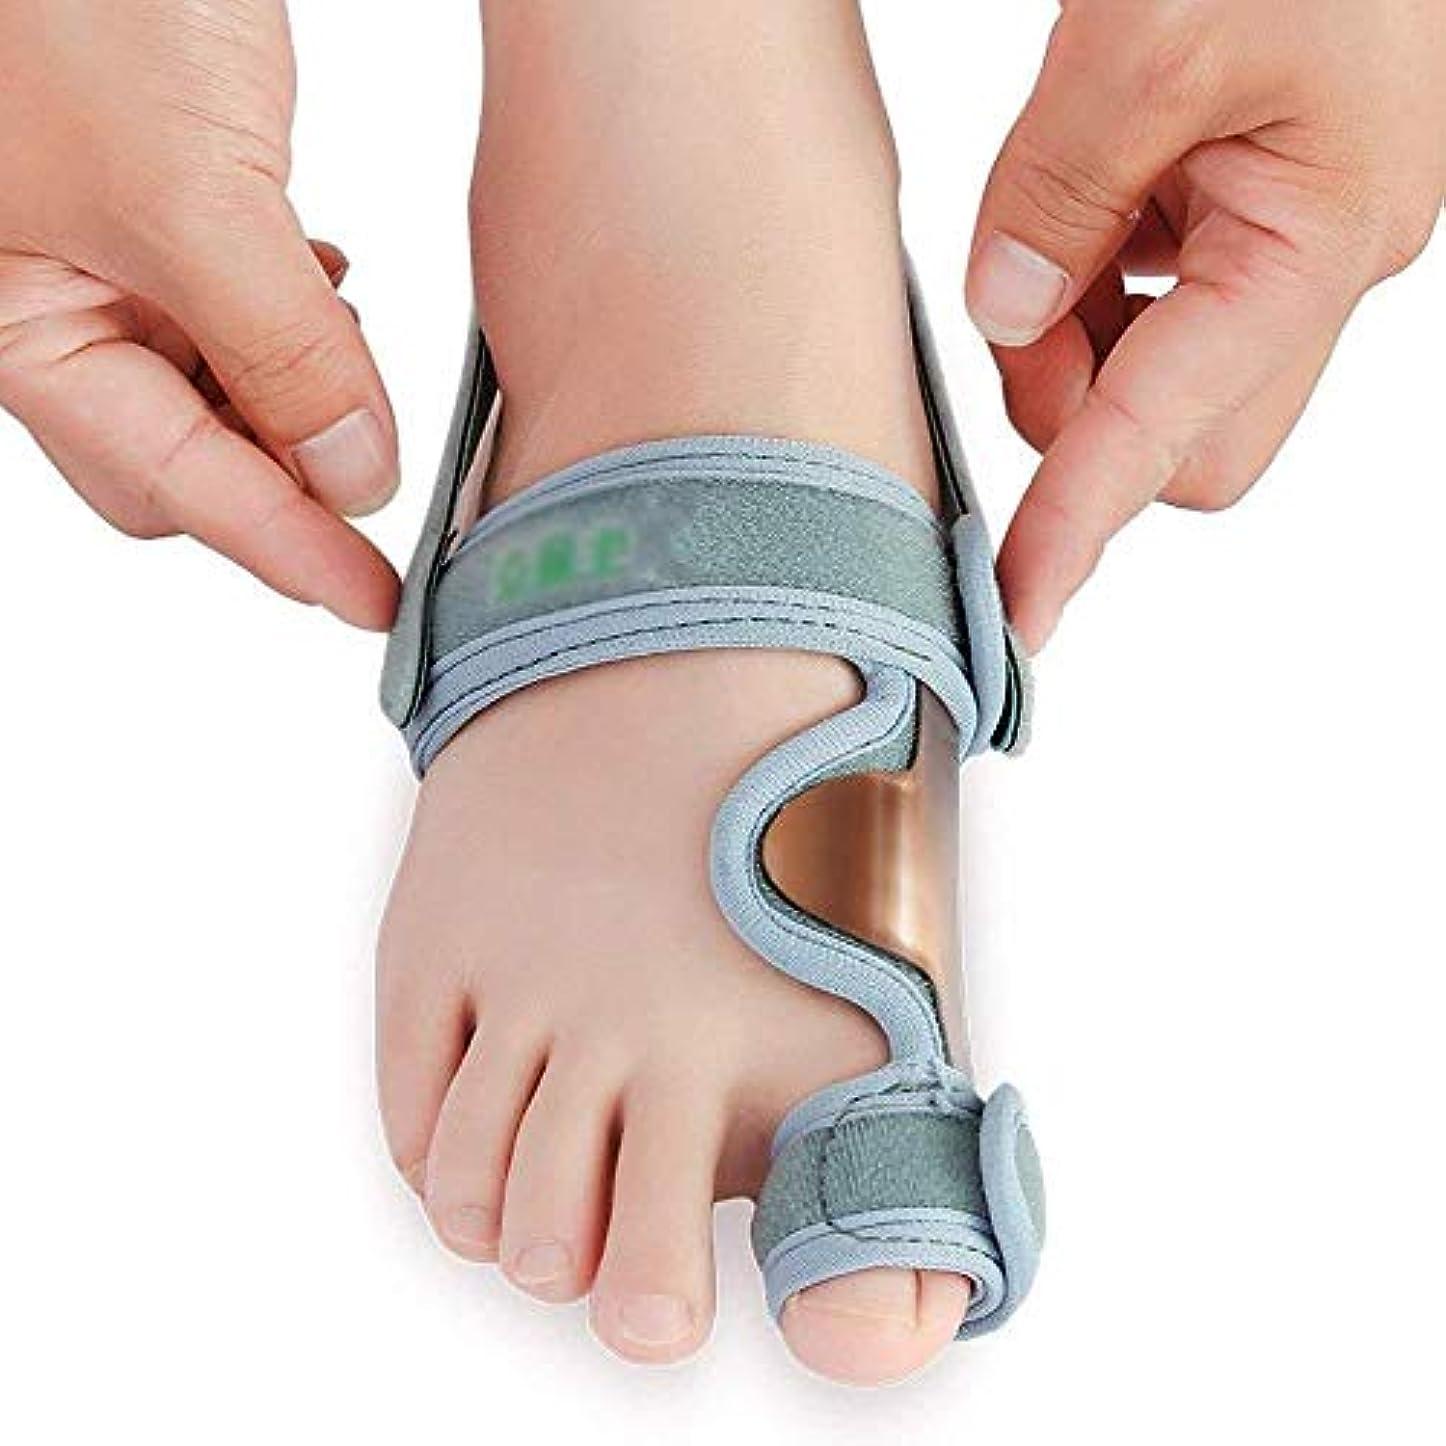 識別する振り子今日外反母ortho装具、女性および男性の足の親指の矯正、遮るもののない外反母and、外反母gusの痛みが夜の副木を緩和する,Left Foot